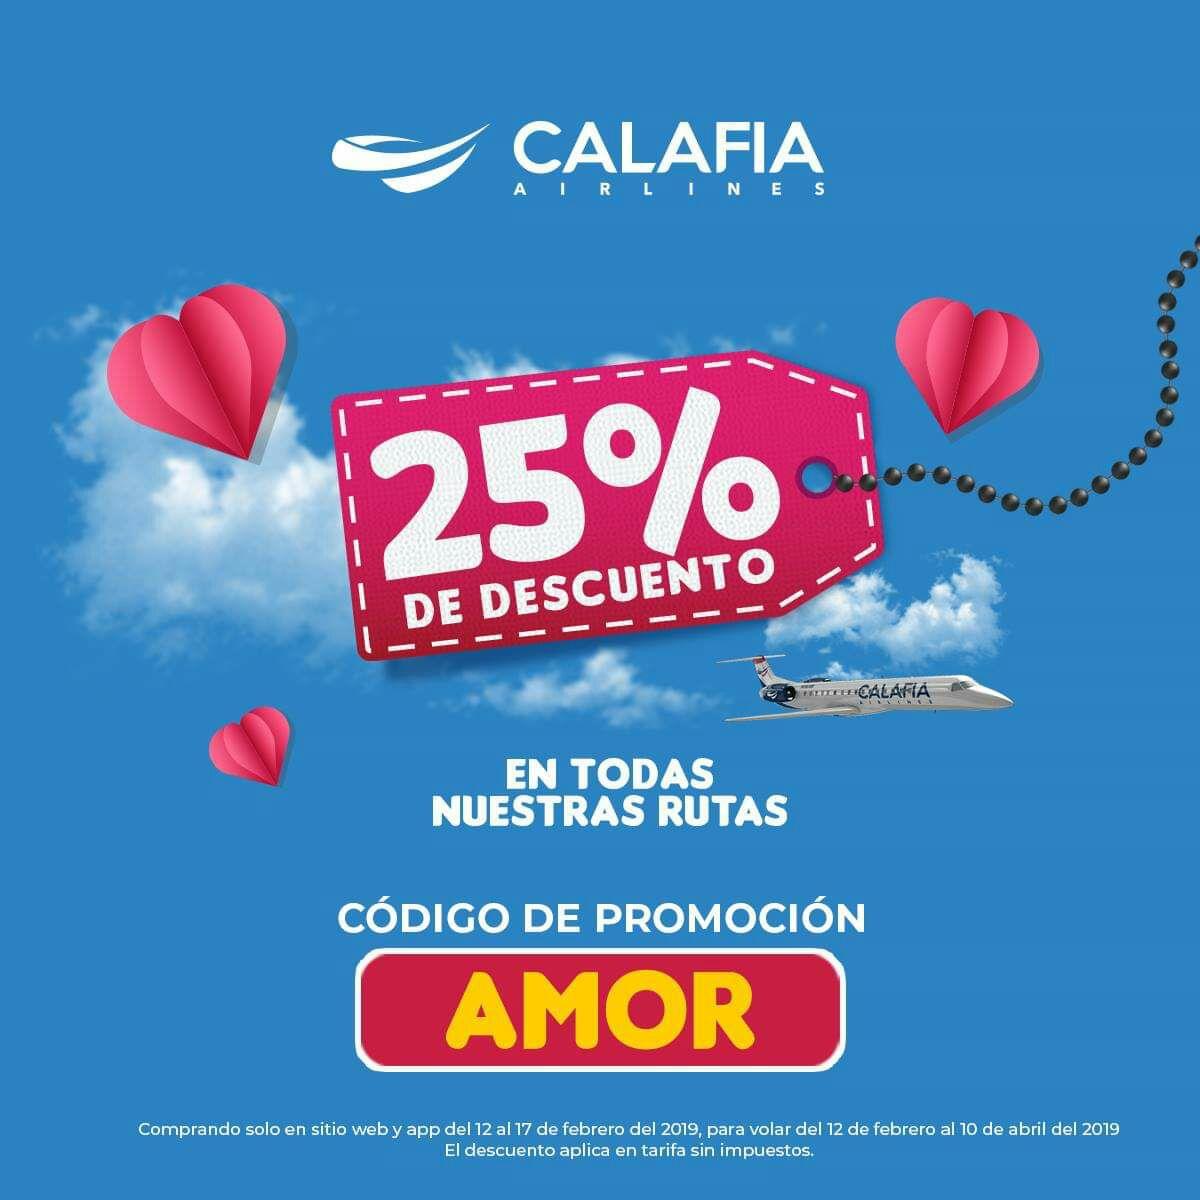 Calafia Airlines: 25% de descuento en todas las Rutas